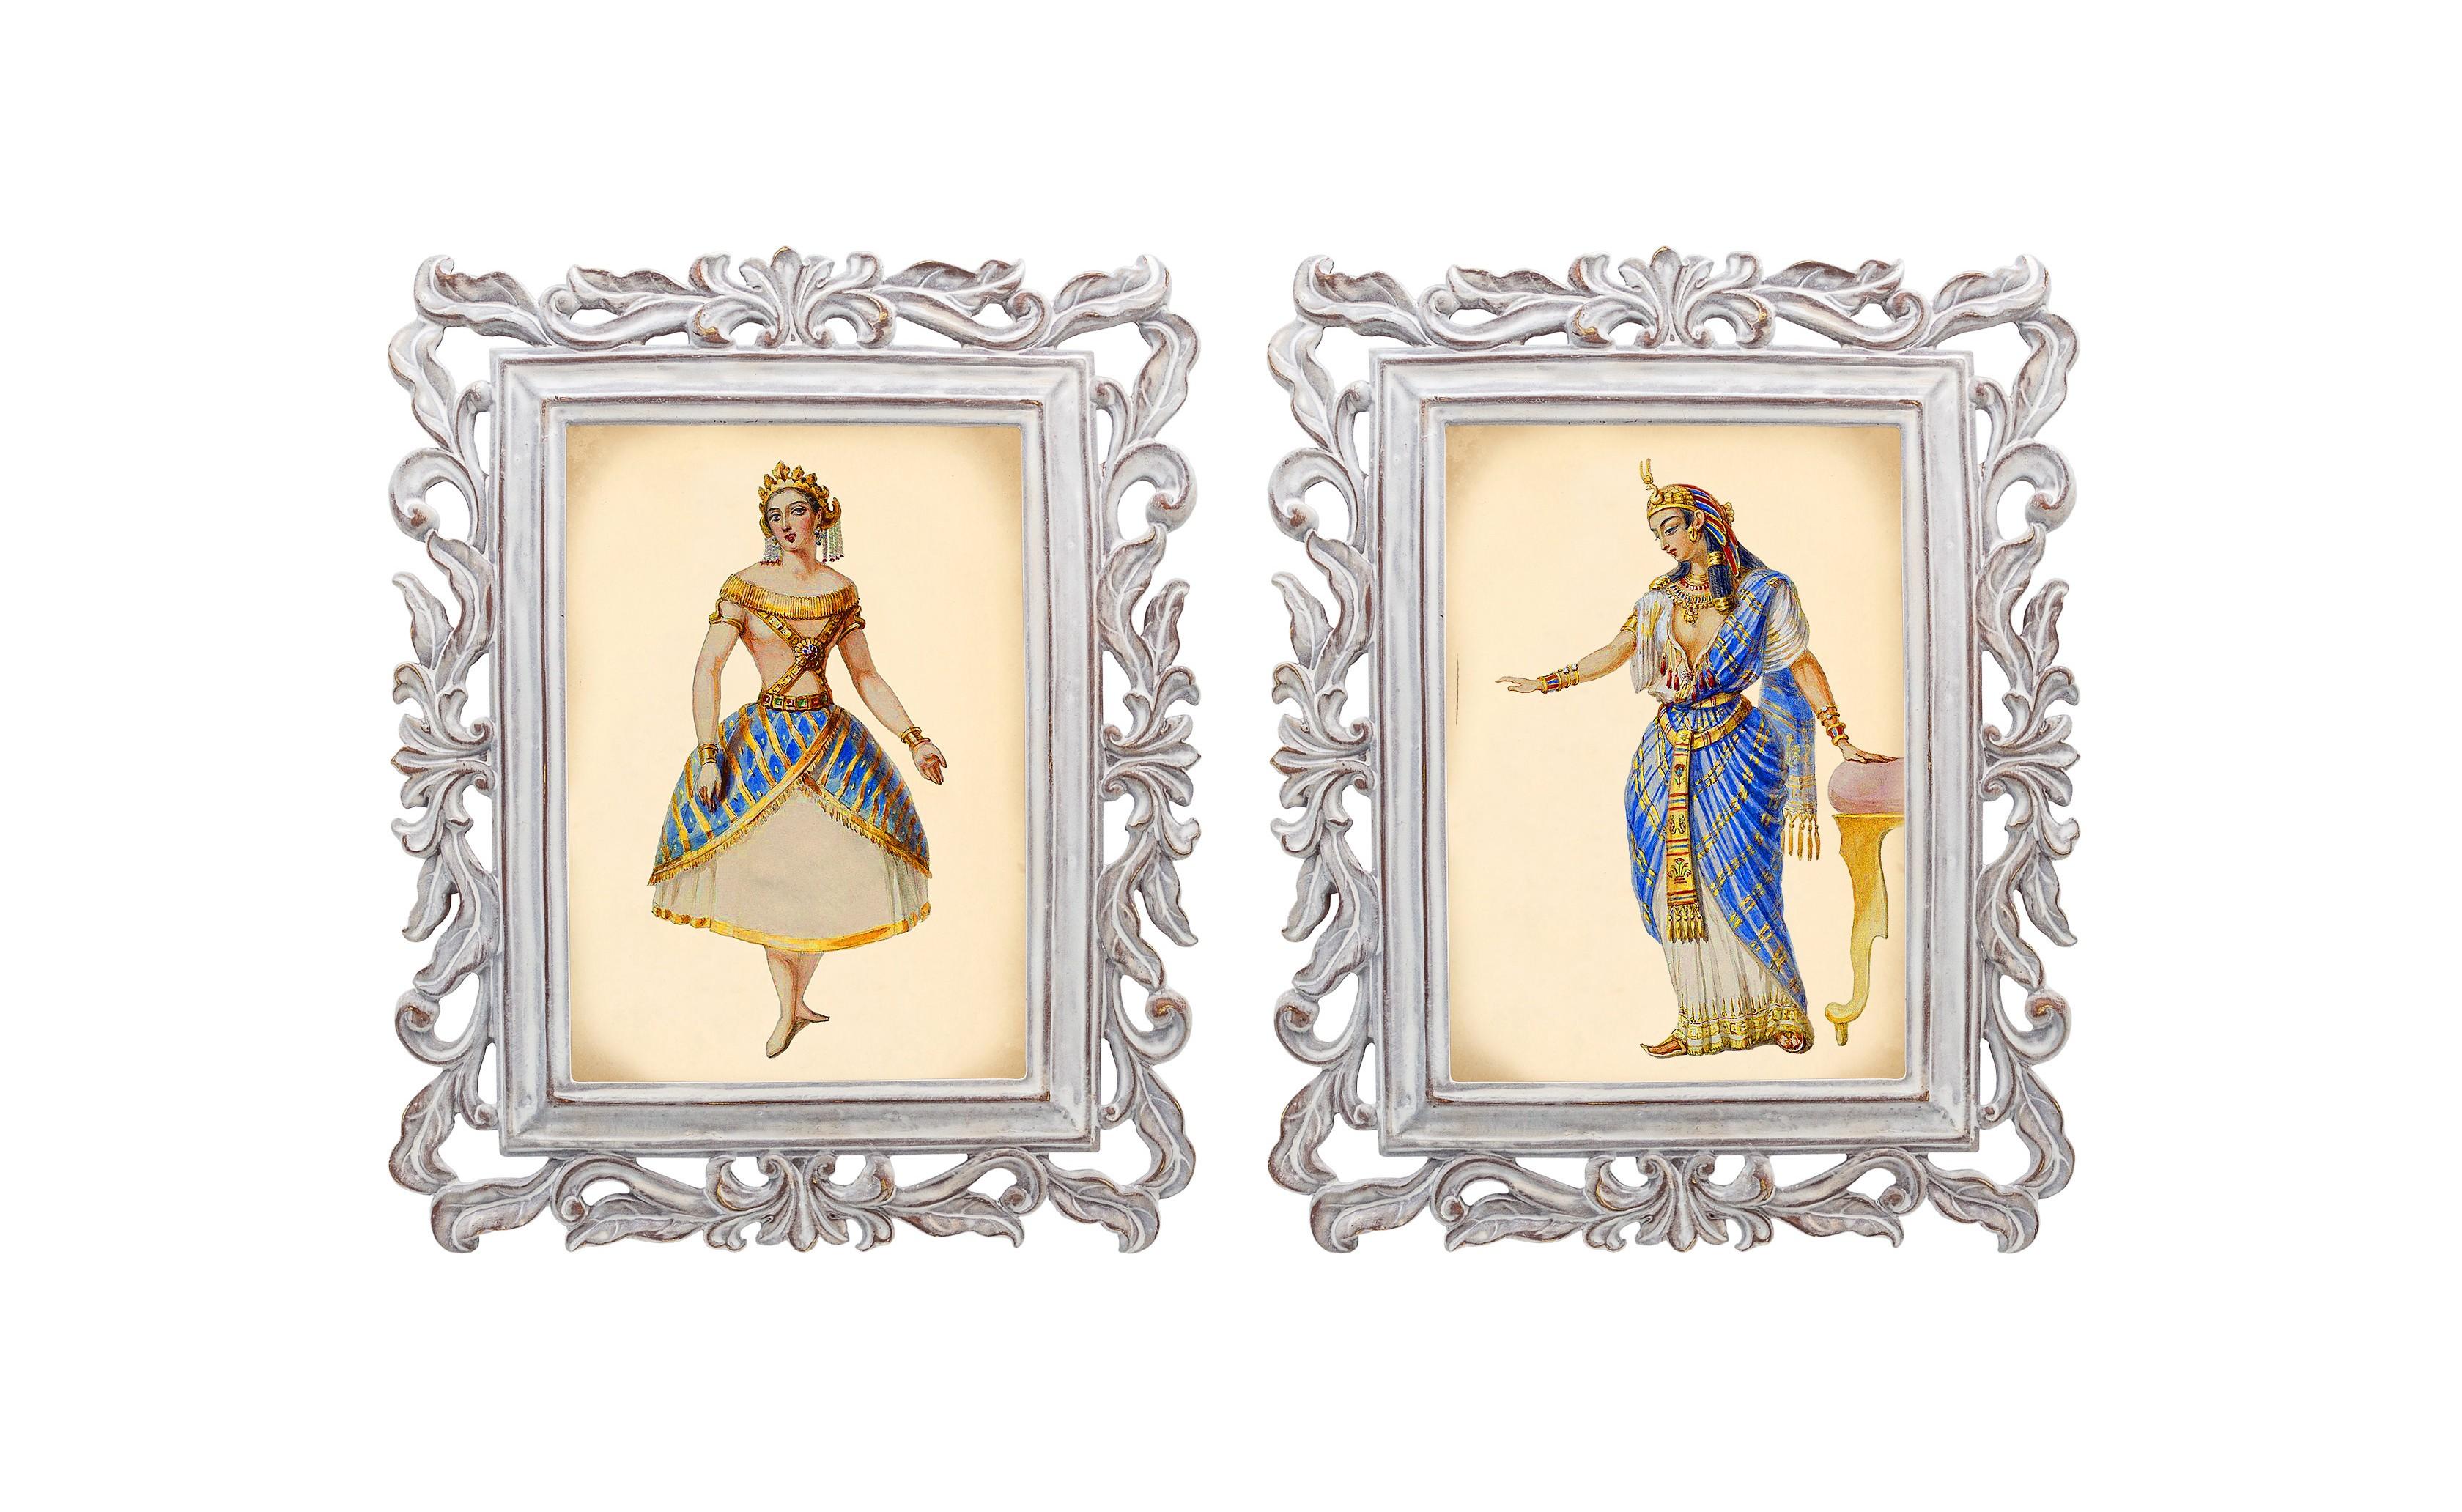 Набор из двух репродукций Агата и Бурлеск 13Картины<br>Репродукции старинных картин из серии «Бурлеск», на которых изображены дамы в одежде викторианской эпохи, производят потрясающий эффект. Благородный кашемир, роскошный атлас, тончайший шелк и аристократический бархат символизируют роскошь и богатство.<br>Этот изящный предмет декора завораживает и создает особую уютную атмосферу.<br>Изображения картин наполнены уникальными эмоциями и тайной, скрытой под кристально прозрачным стеклом.<br><br>Material: Камень<br>Width см: 21<br>Depth см: 1,7<br>Height см: 26